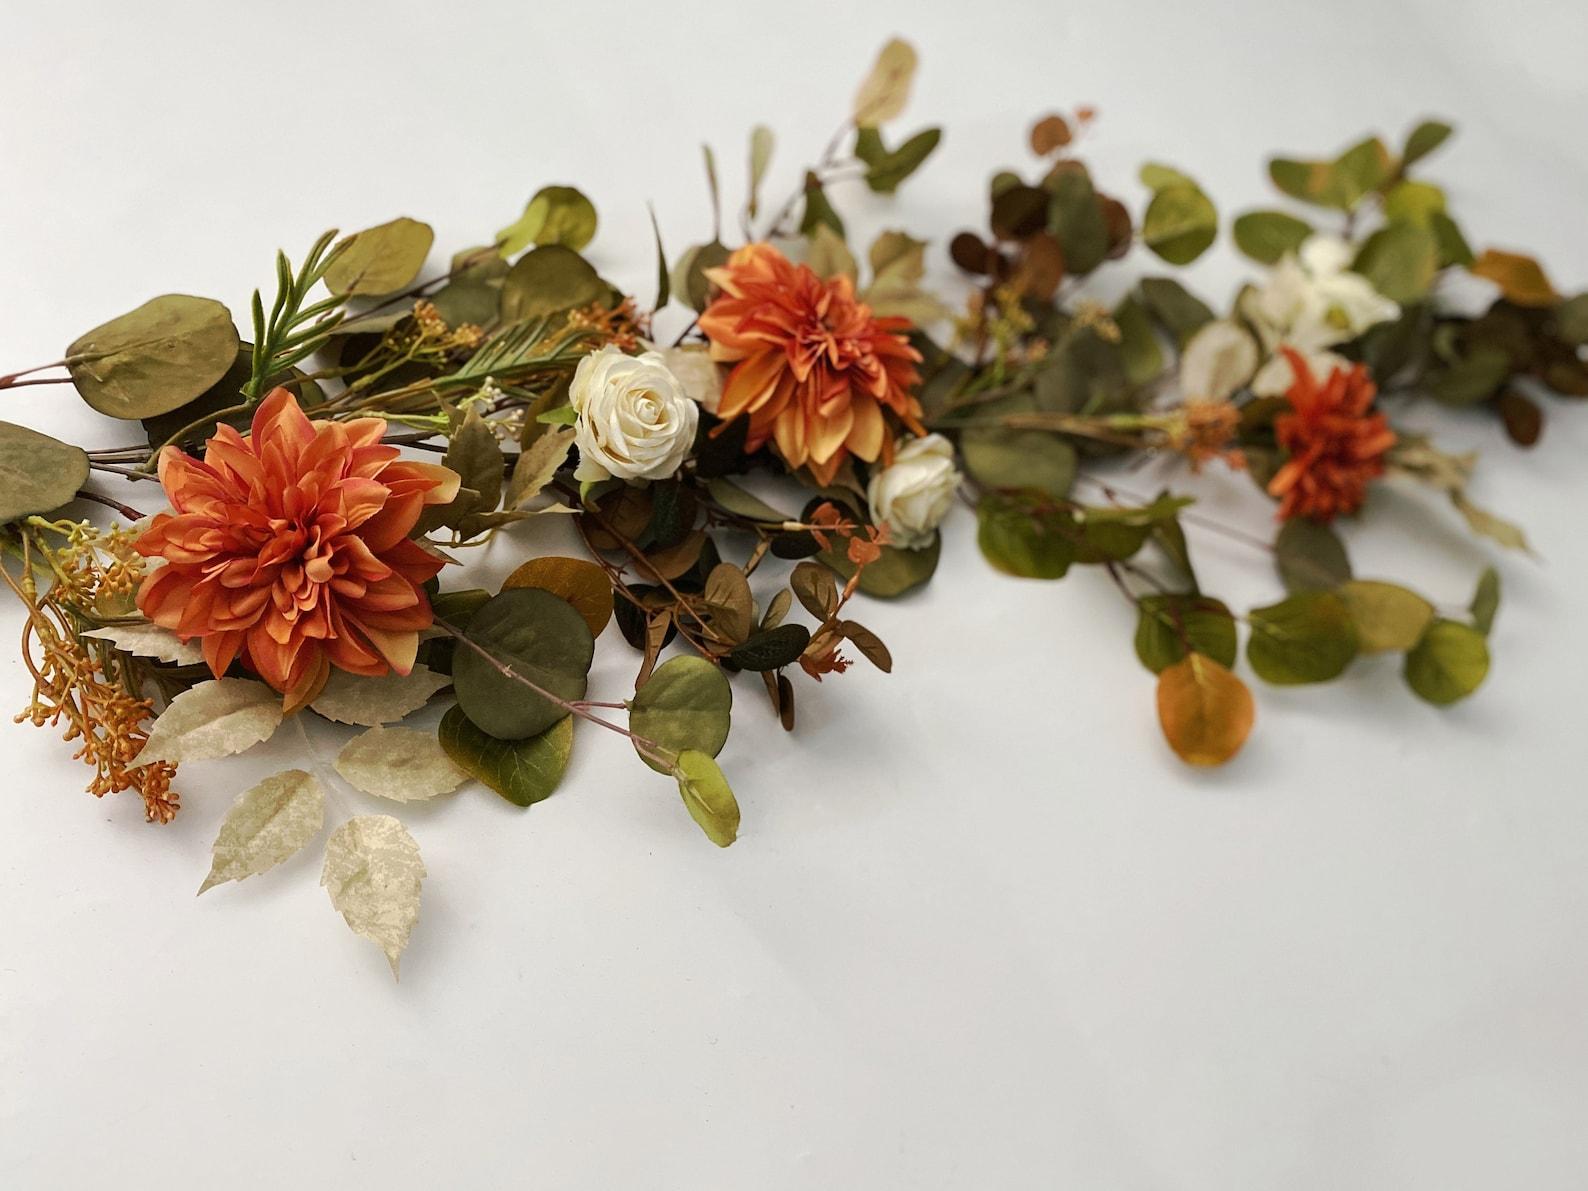 Autumn/Fall flower garland